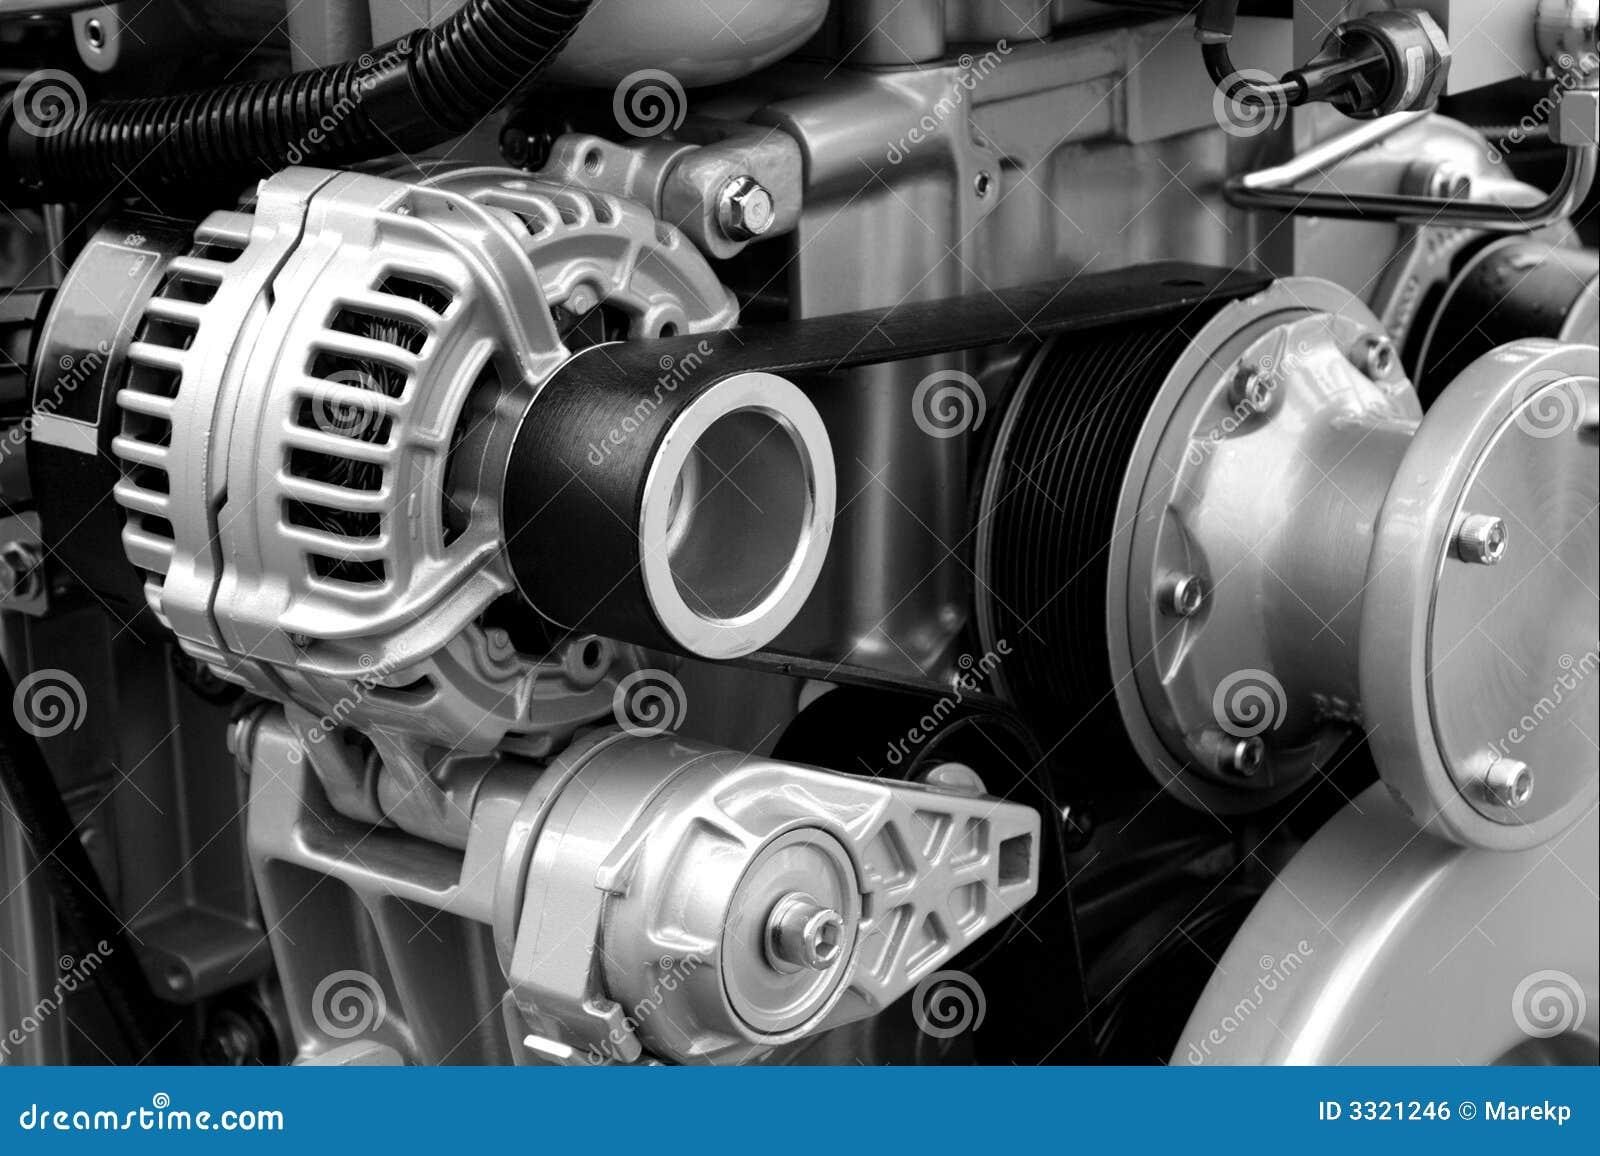 Piezas y componentes del motor